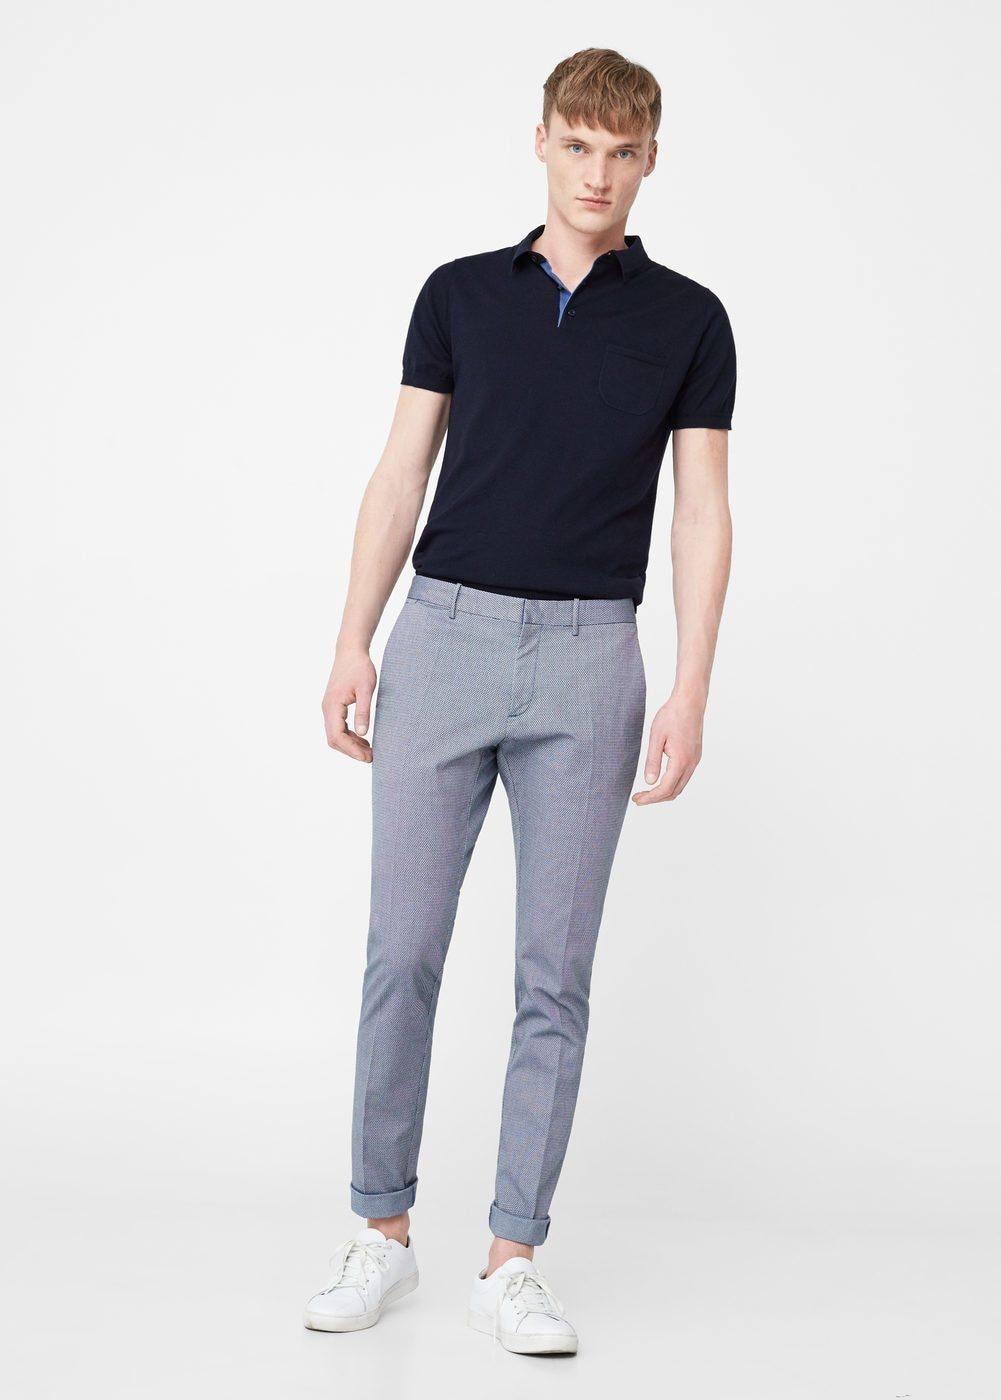 How to Wear a Black Polo (44 looks) | Men\u0027s Fashion